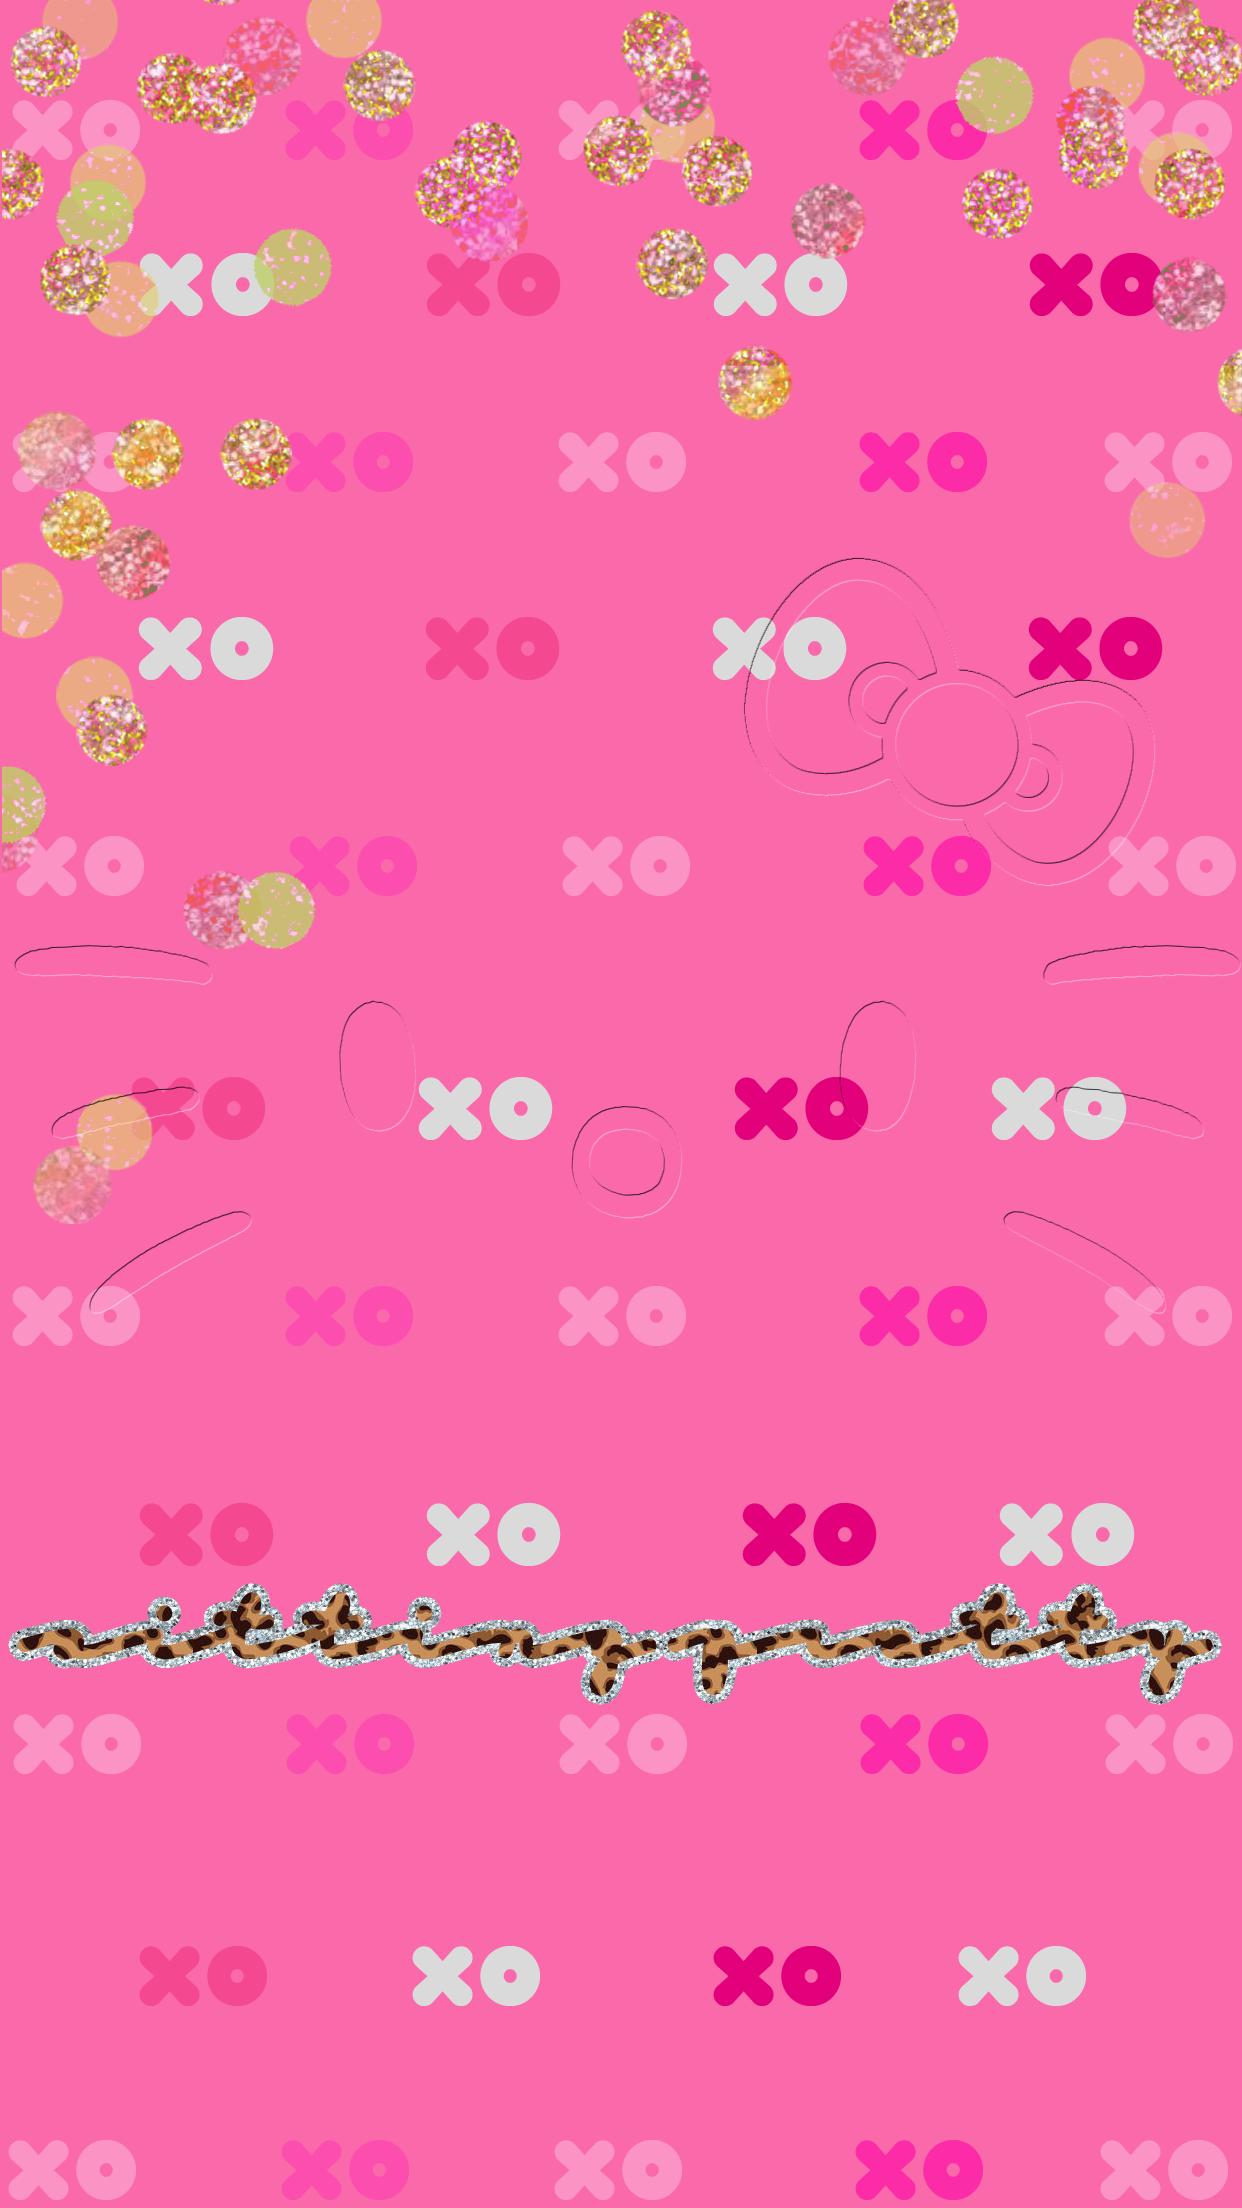 Top Wallpaper Hello Kitty Glitter - 928f9145461959faaff404568b3e0253  2018_26964.png